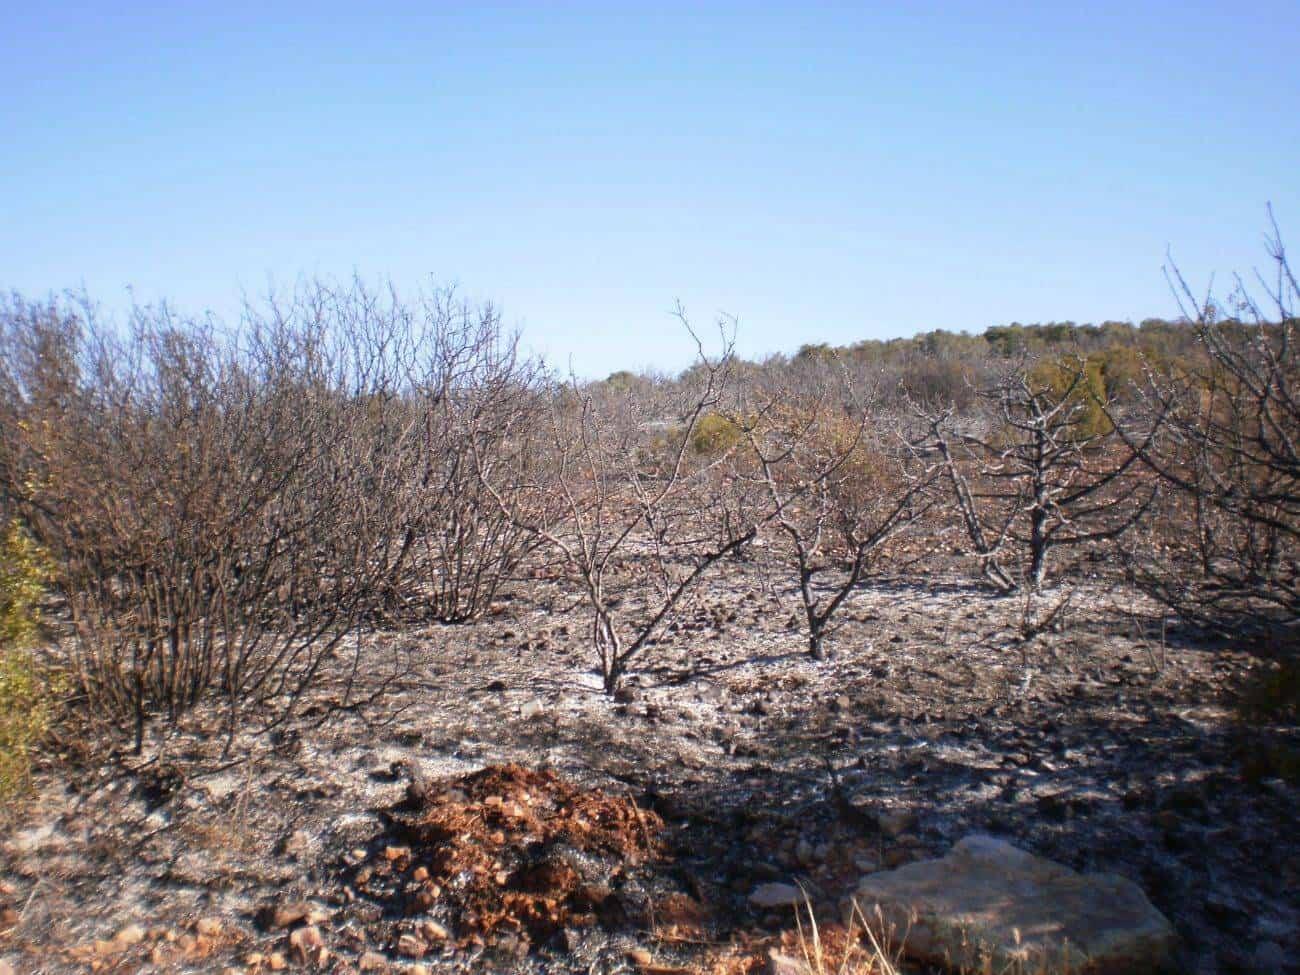 incendio en el paraje El Bombo de Herencia1 - 6 hectáreas afectadas por el fuego en Herencia